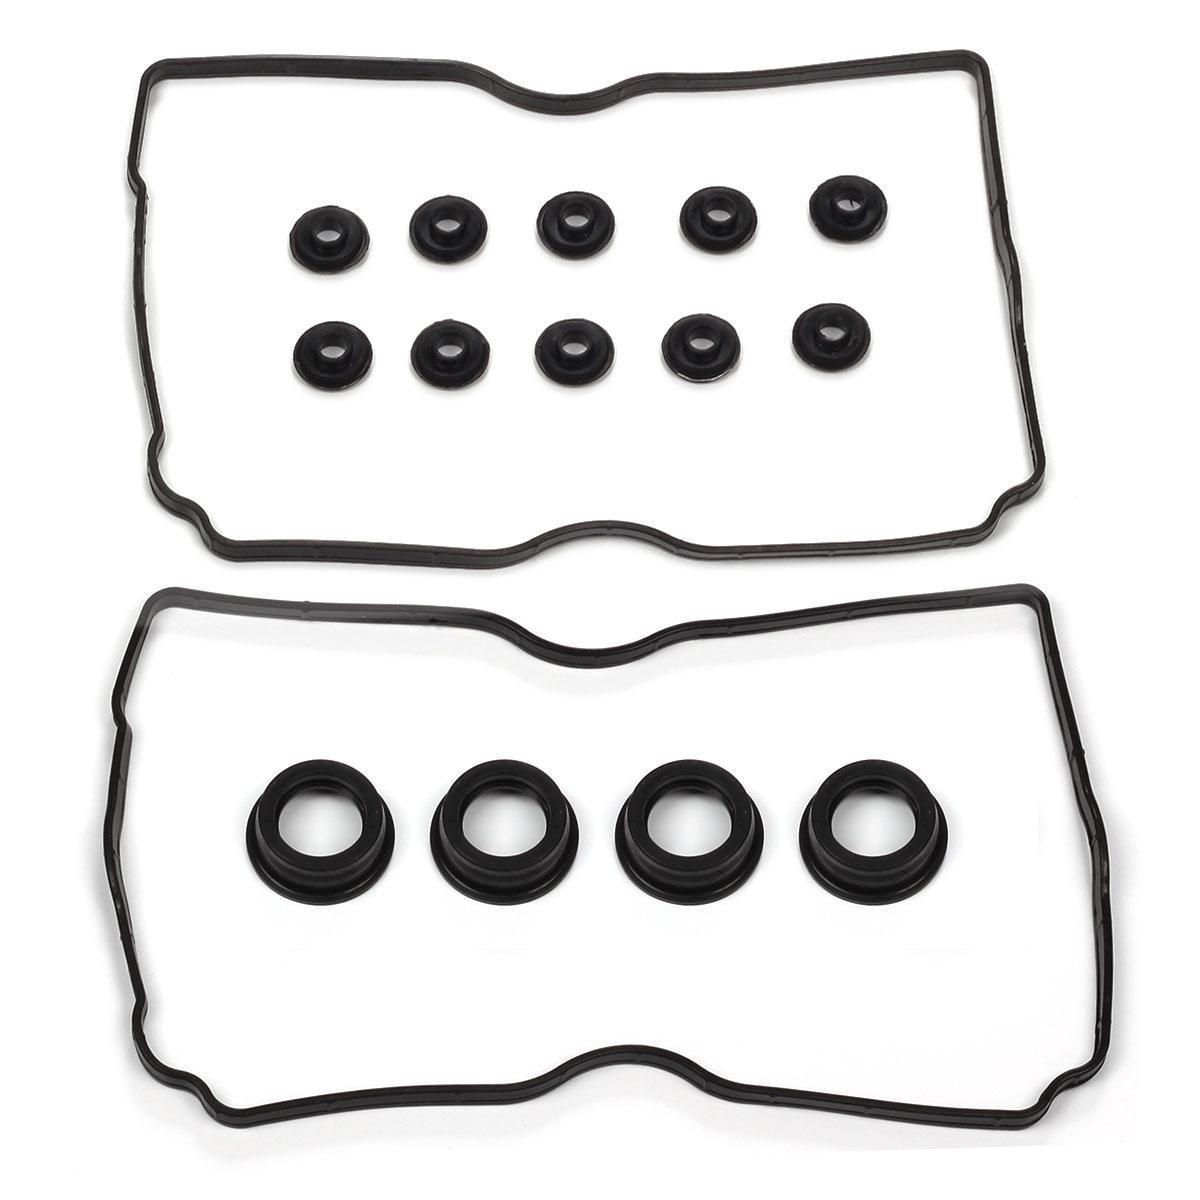 Cylinder Valve Cover Gaskets For Subaru IMPREZA 2.2 2.5L SOHC EJ22E EJ25 ET716S1